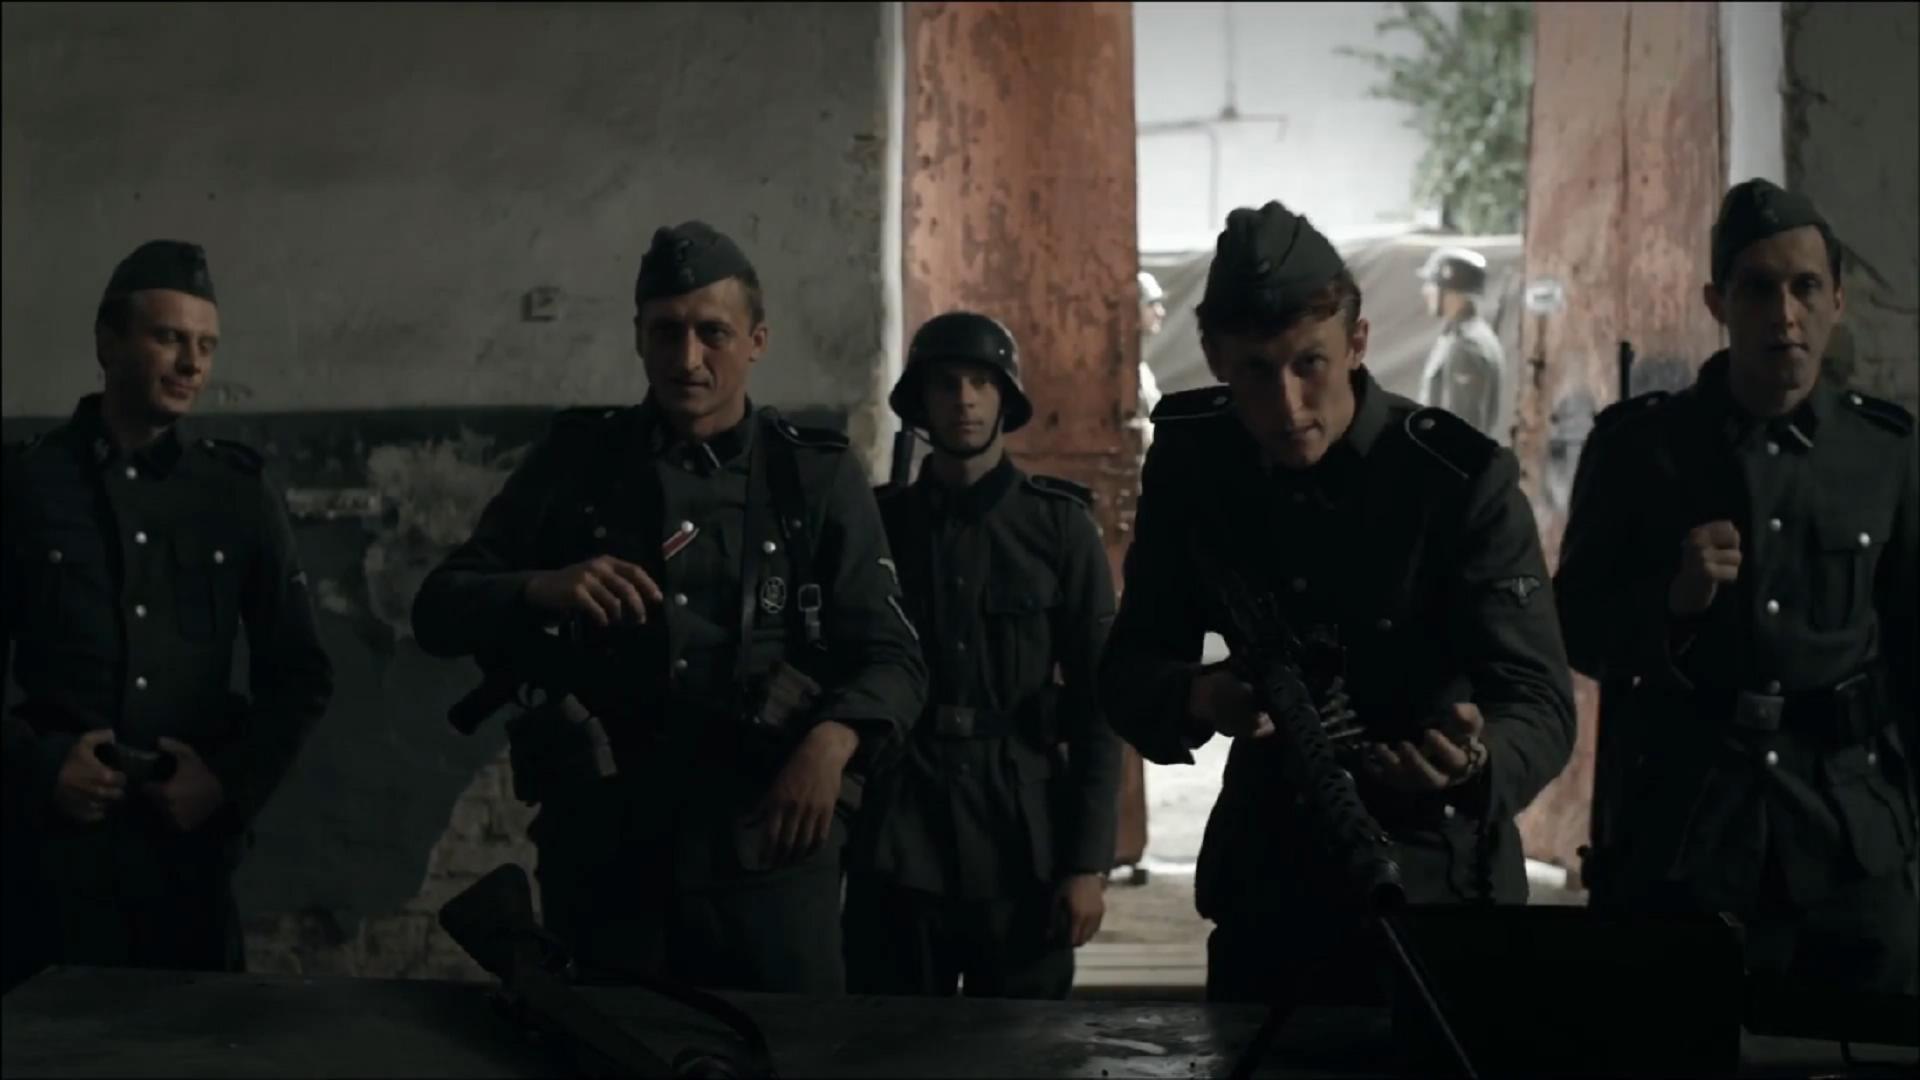 #经典看电影#德军用机枪枪毙俄罗斯平民,抽签决定谁来扣扳机,视人命如草芥